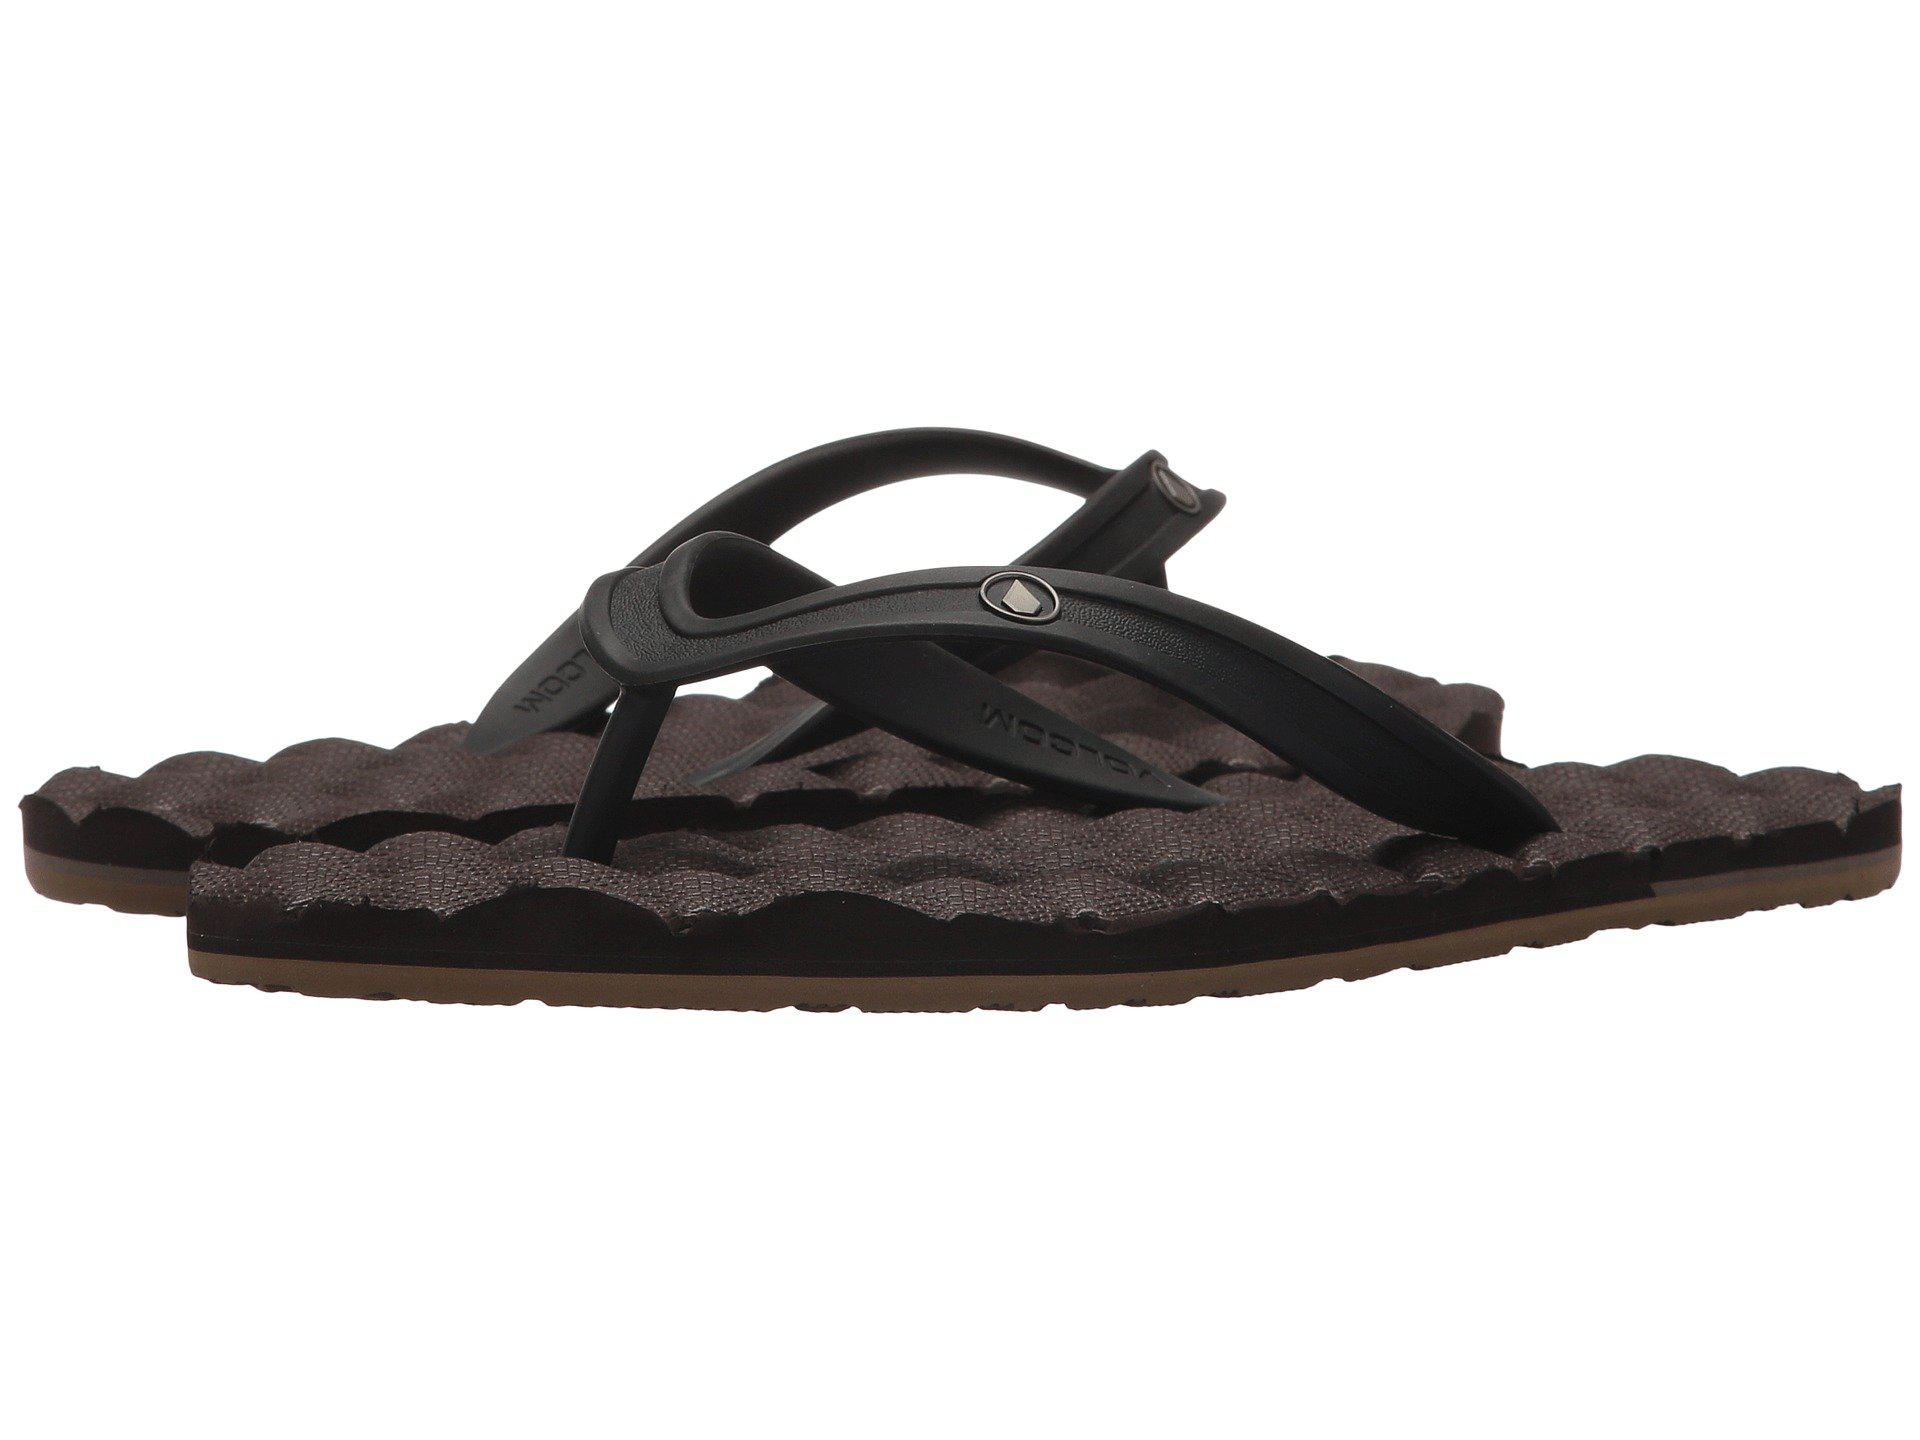 e489b4ed1522 Lyst - Volcom Recliner Rubber 2 Sandal (black) Men s Shoes in Brown ...